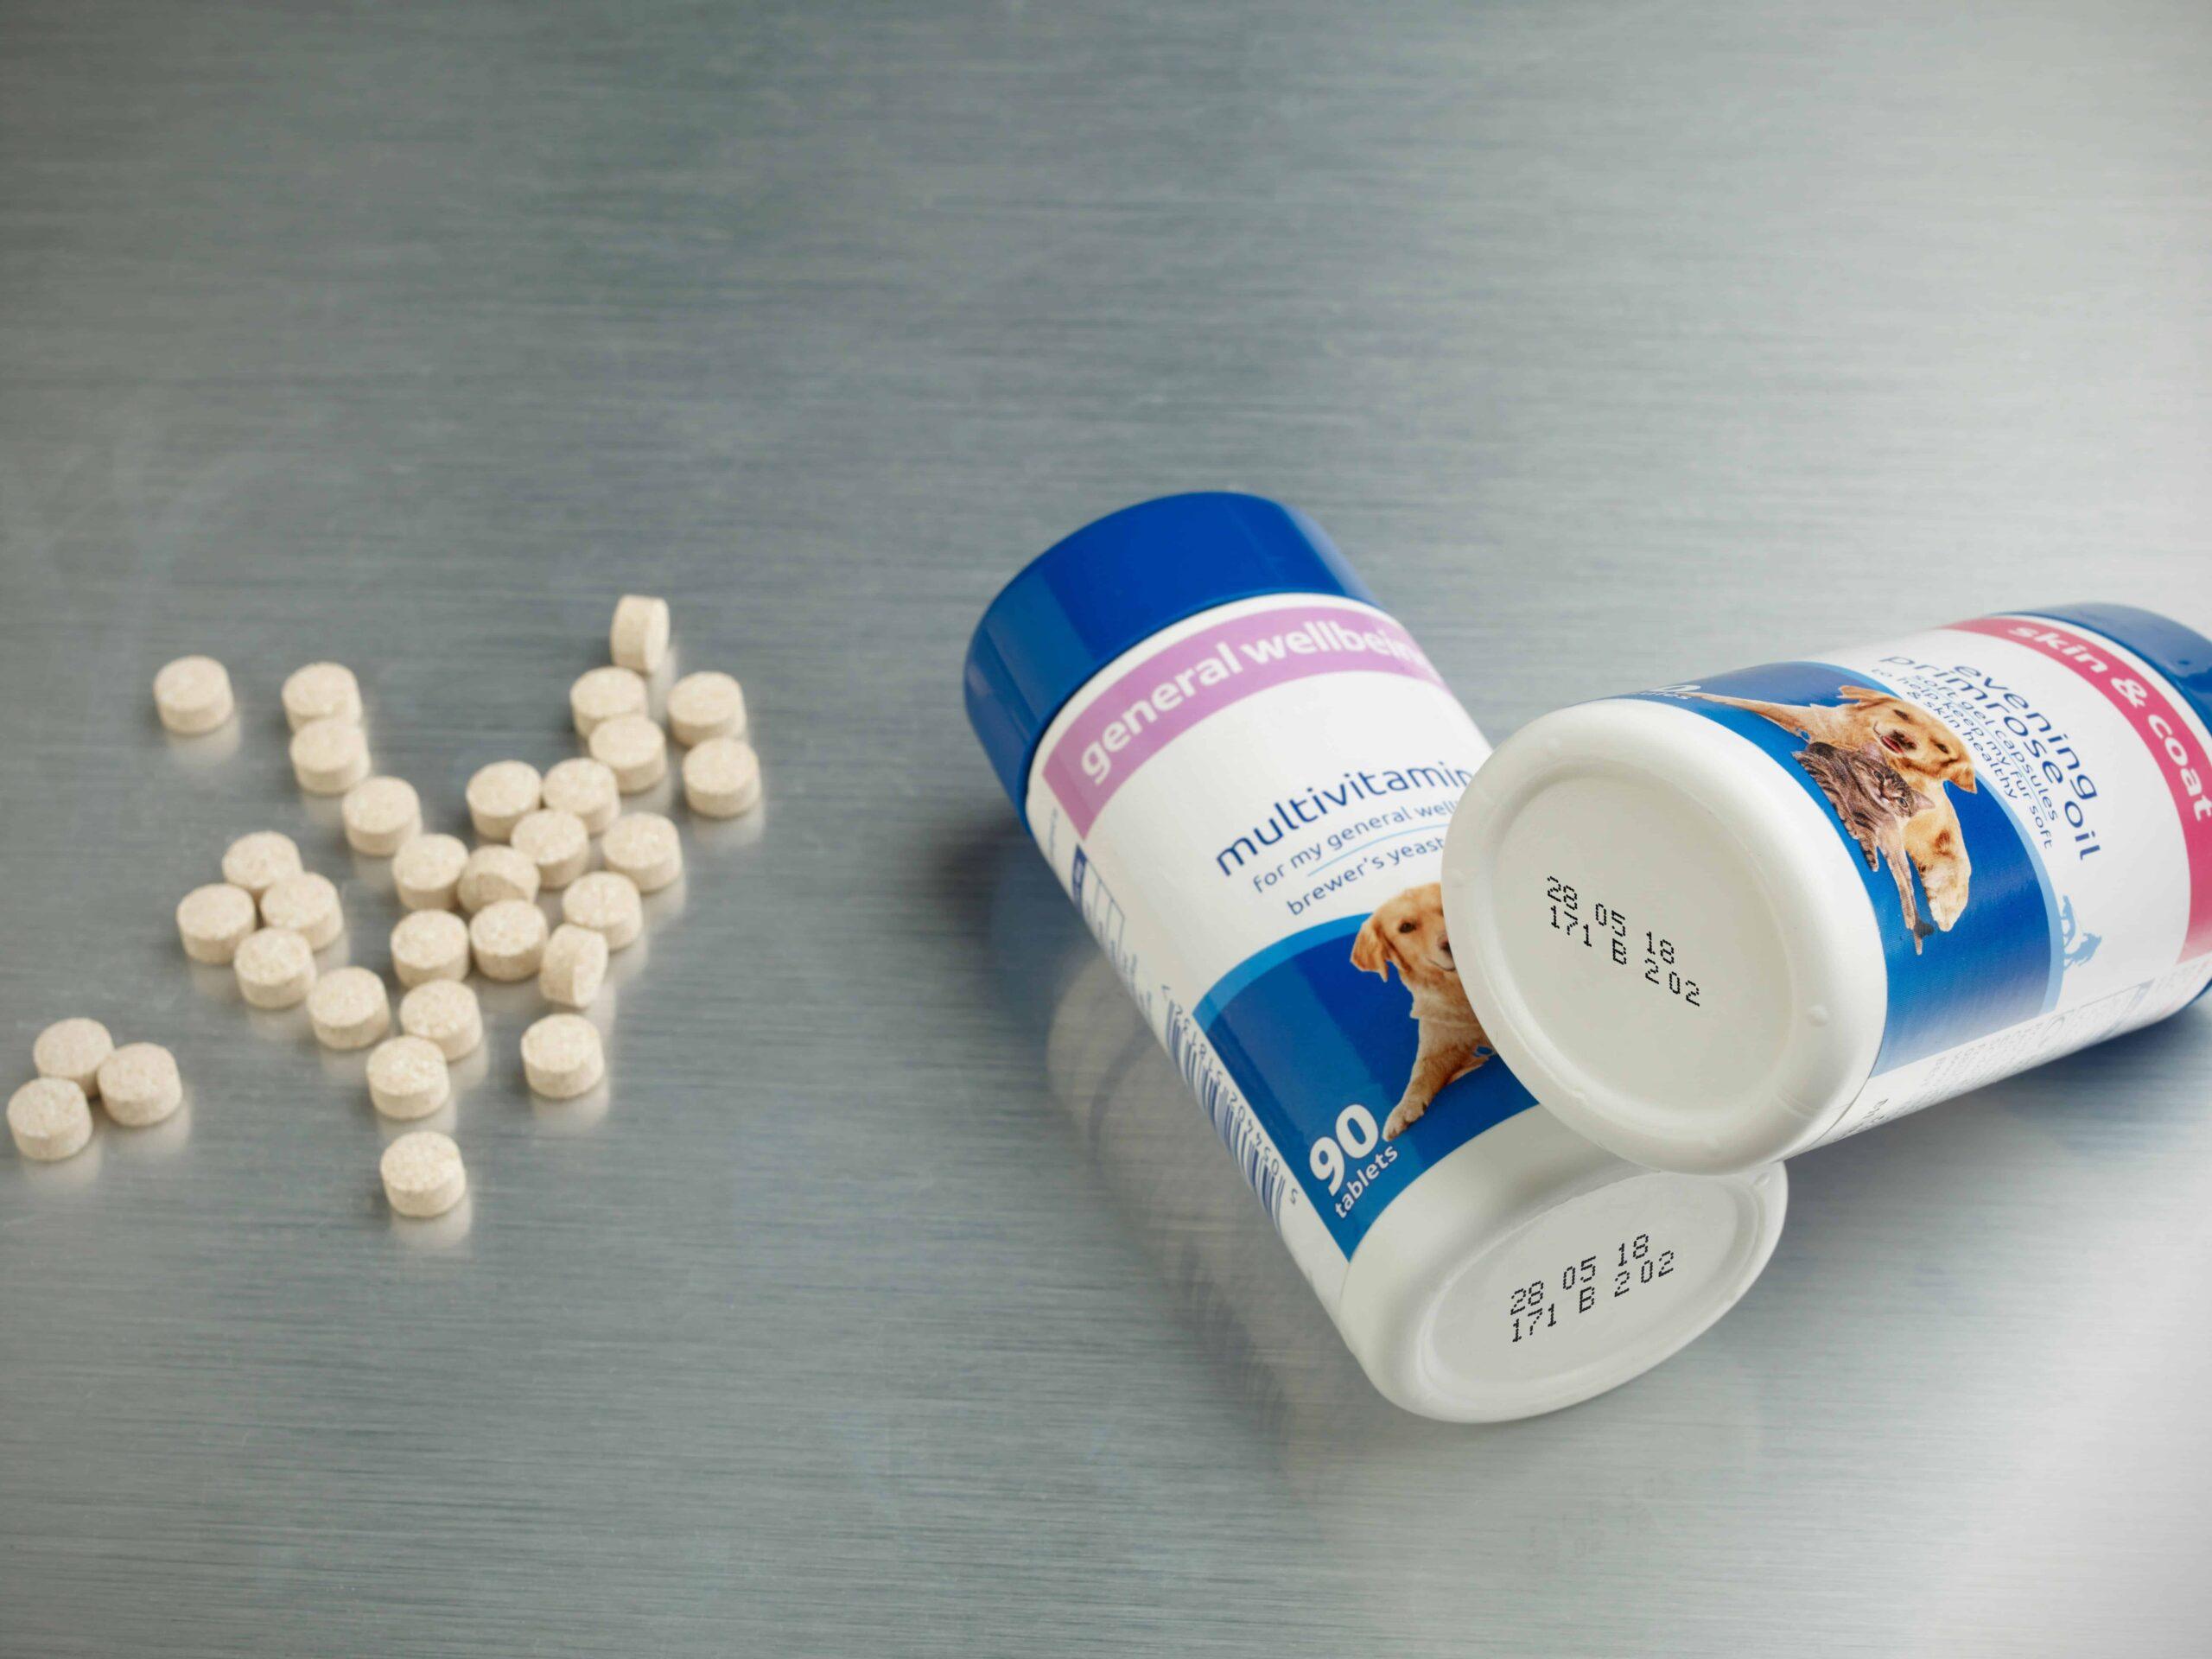 Ax - Vitamins